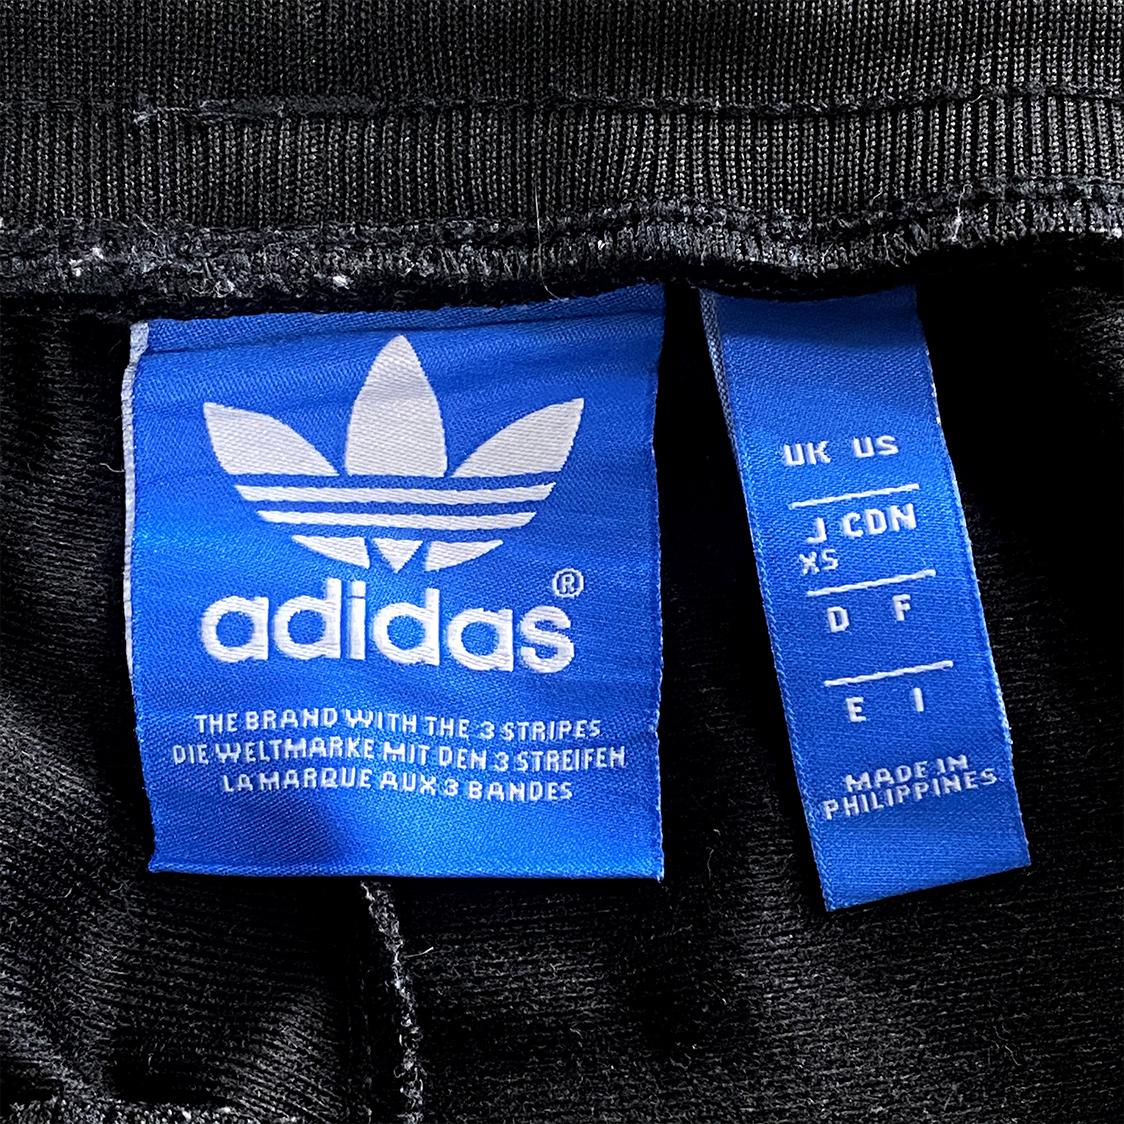 adidas アディダス 【サイズXS】 トラックパンツ ジ ャージ スーパースター オリジナルス ライン